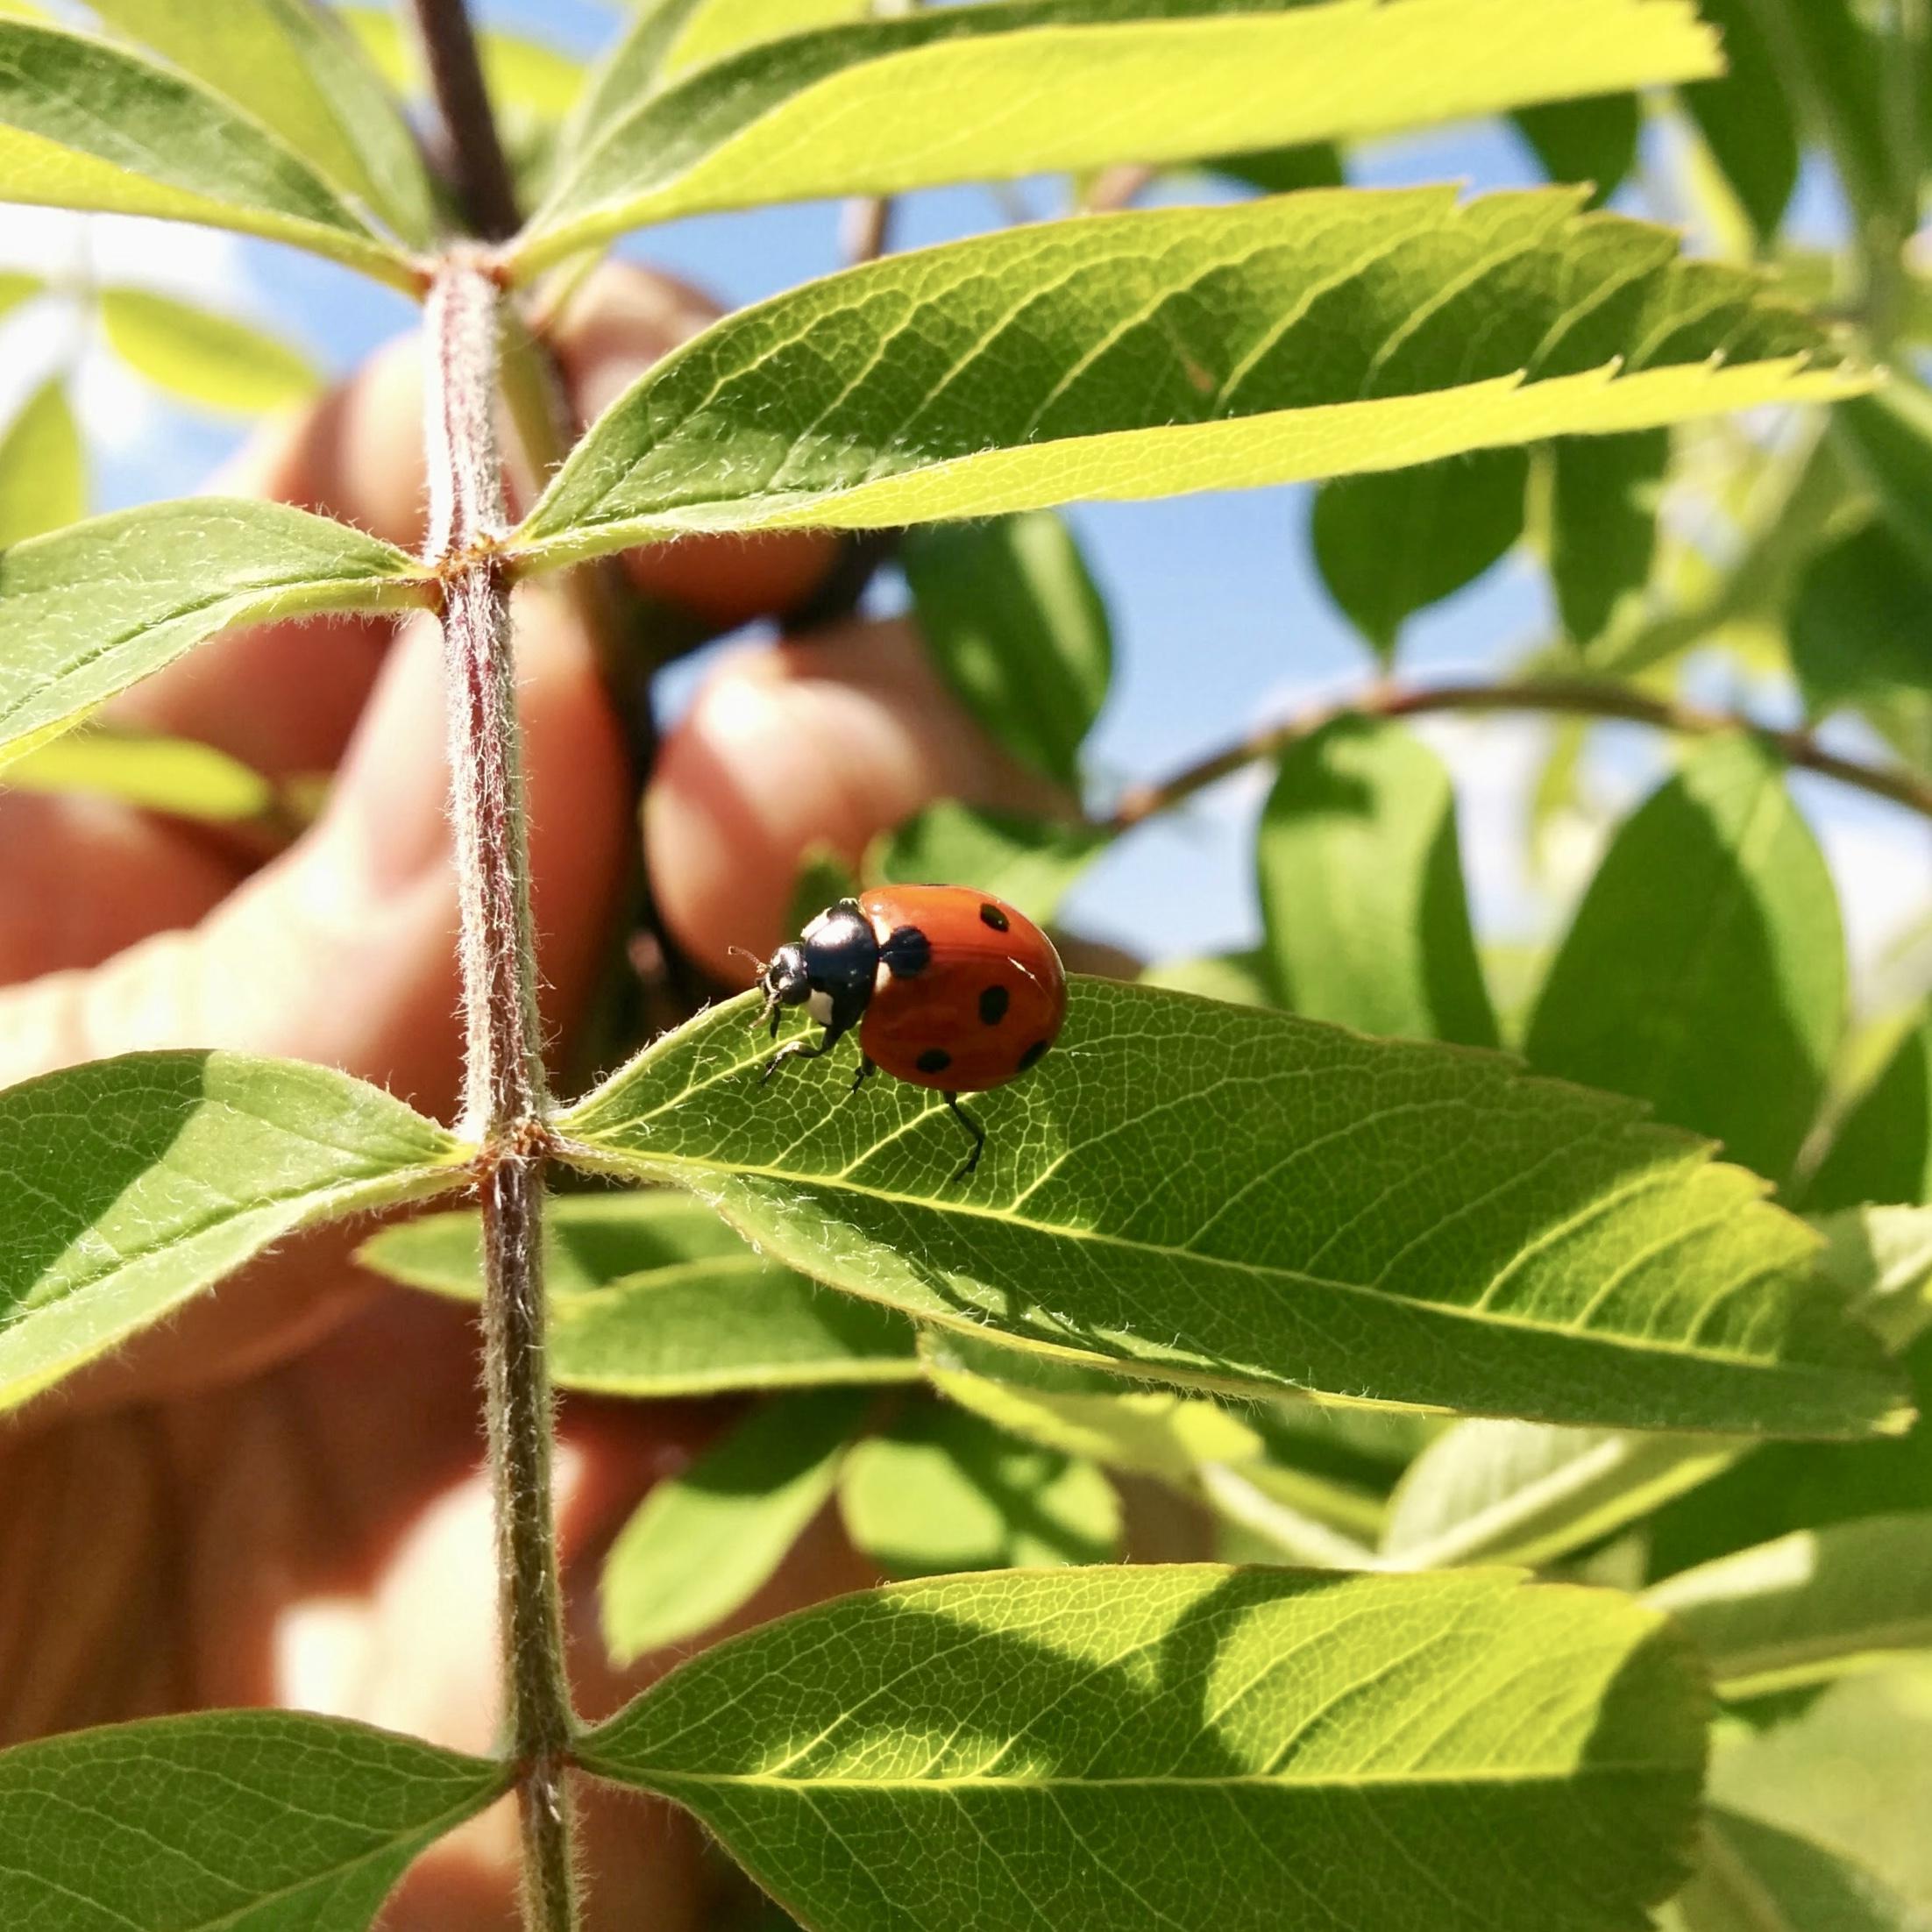 Pozoruj hmyz